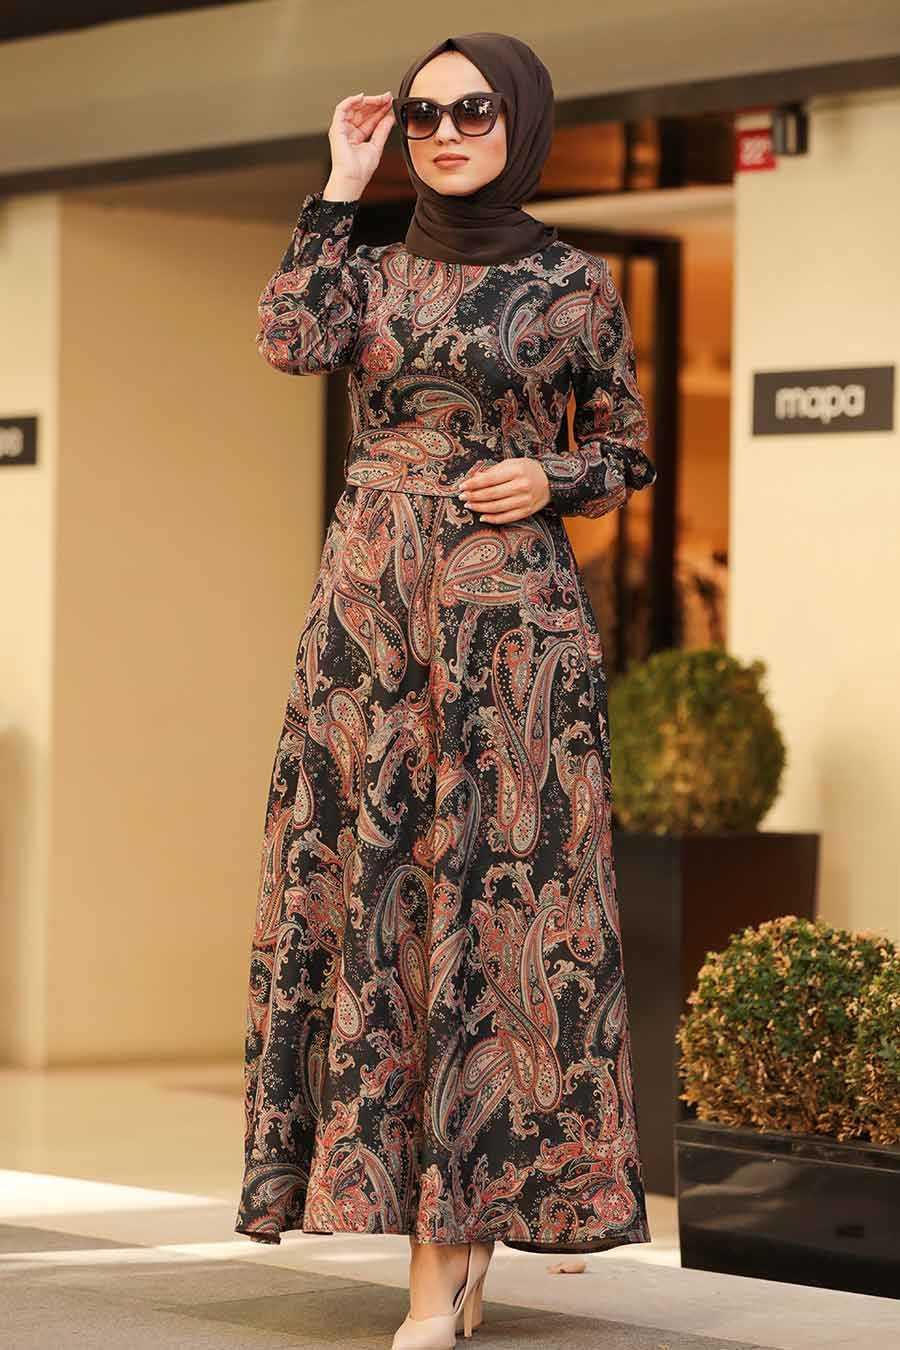 Neva Style Sonbahar Kış Desenli Tesettür Elbise Modelleri